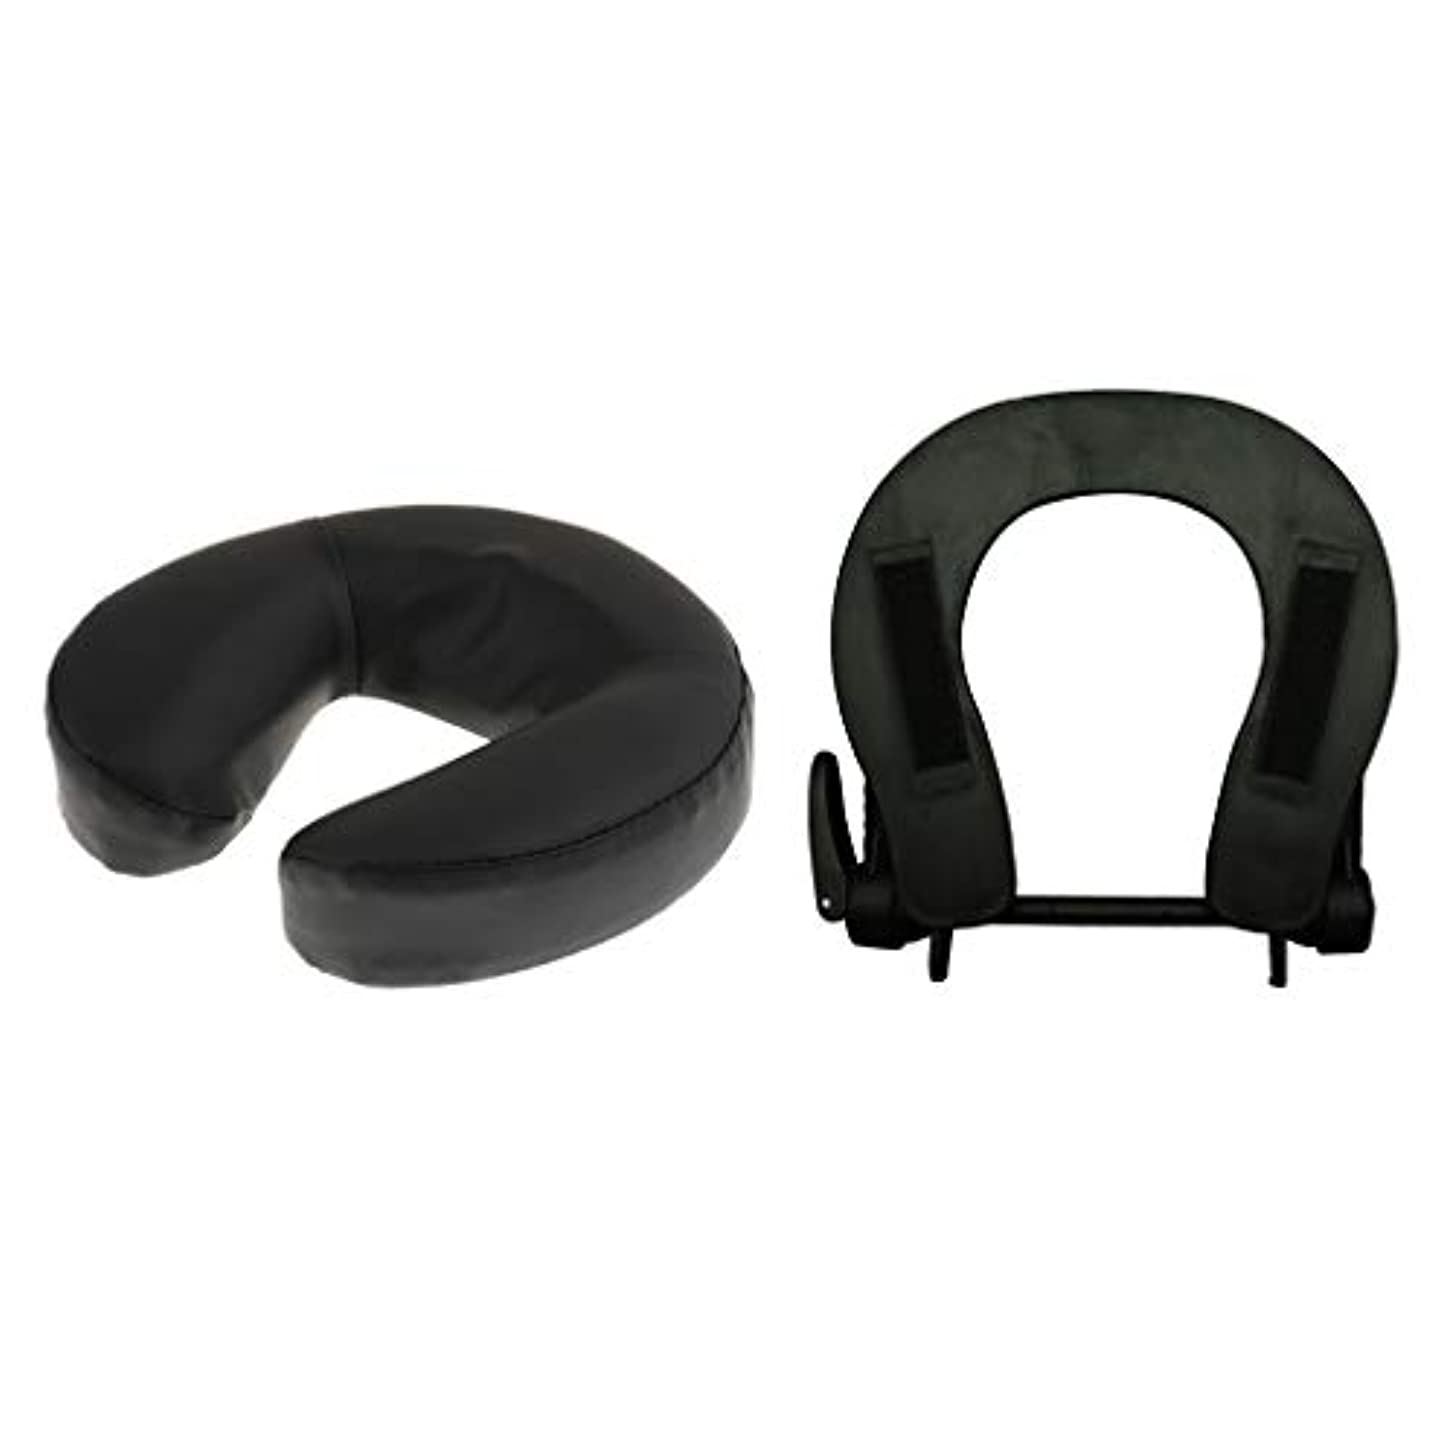 勧告揮発性霜フェイスマット 顔マクラ マッサージ枕 顔枕 フェイスクレードル 調節可能 マッサージテーブル 汎用